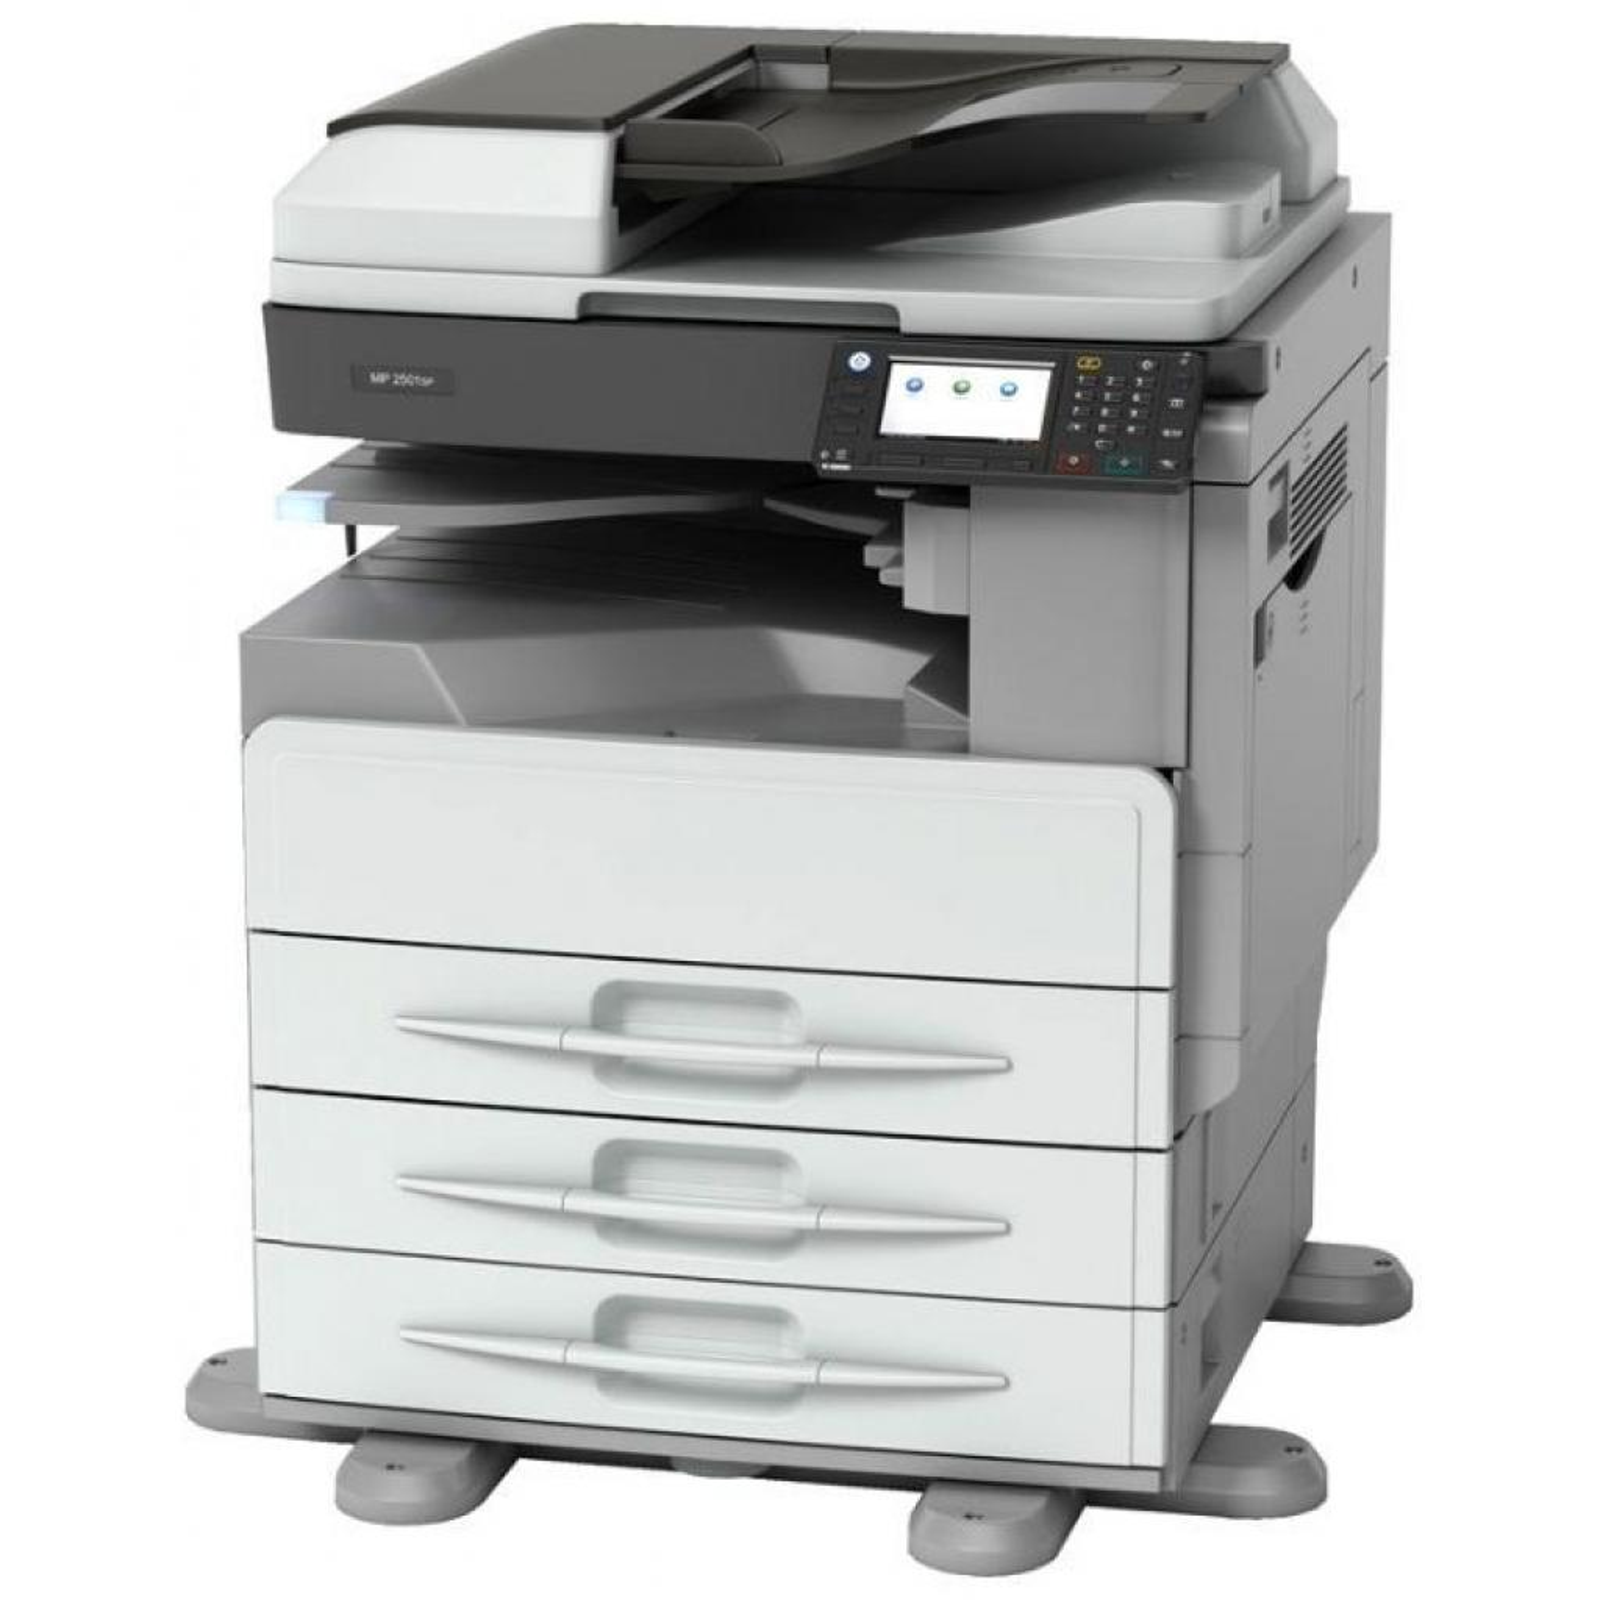 Многофункциональное устройство Ricoh MP2001sp (MP2001SP) изображение 2